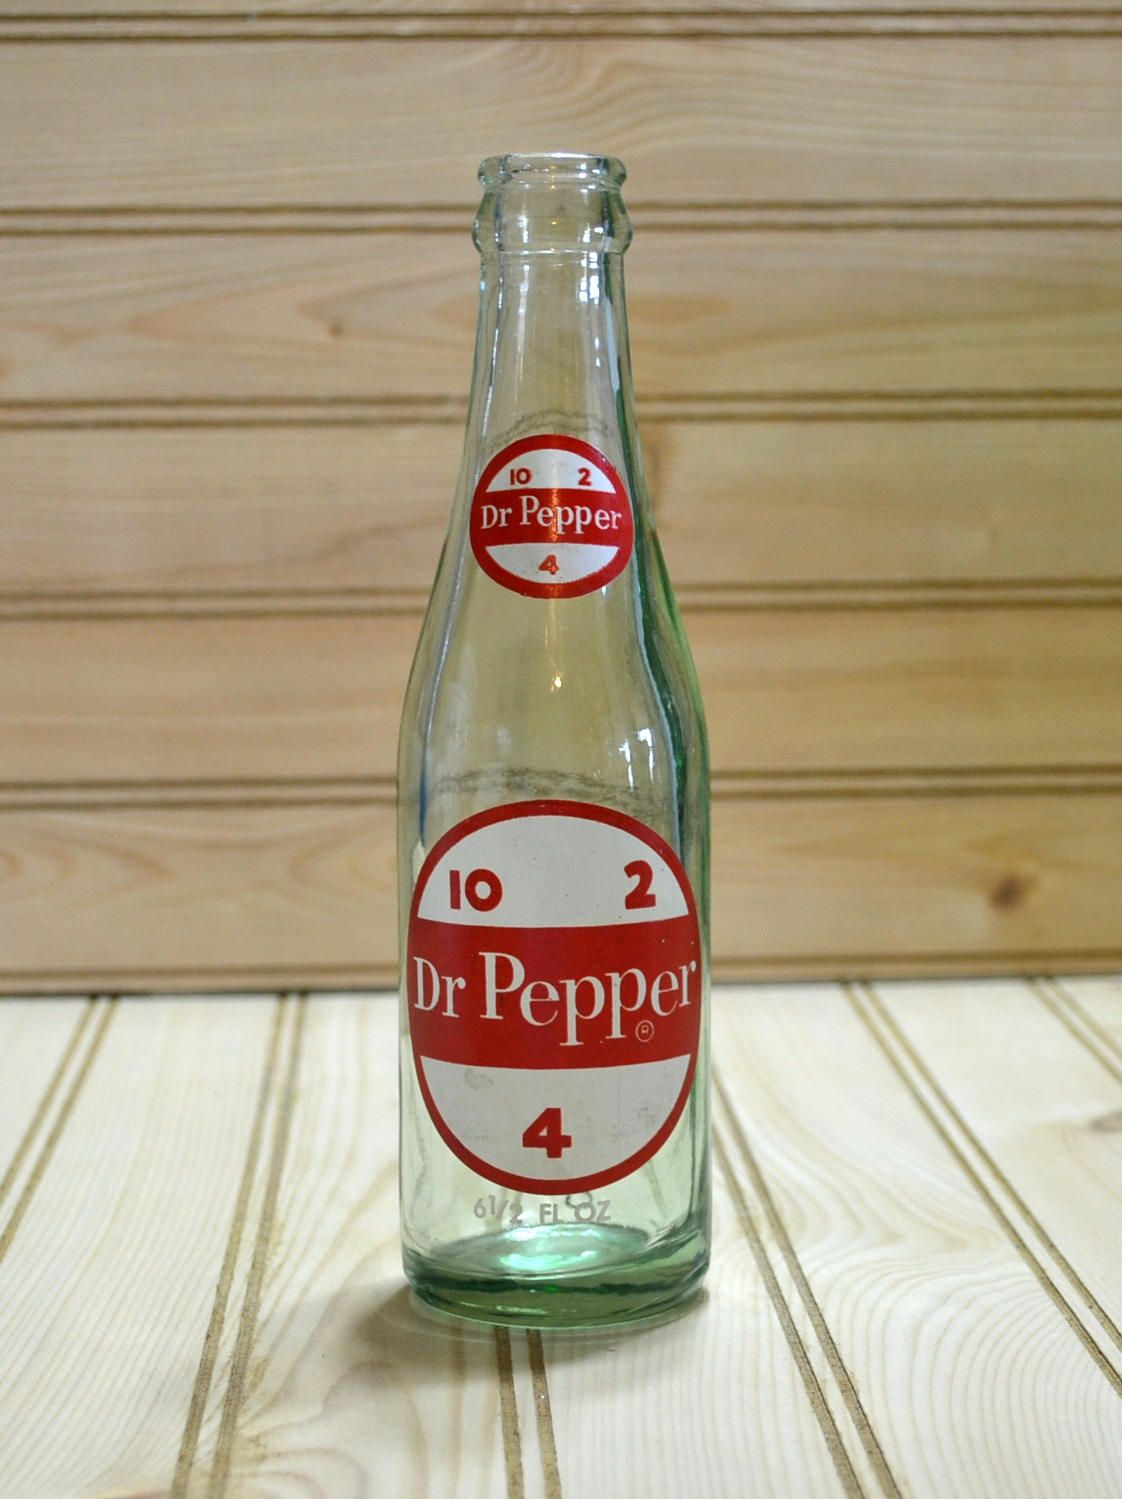 Bottles pepper old 2 dr 4 10 why on